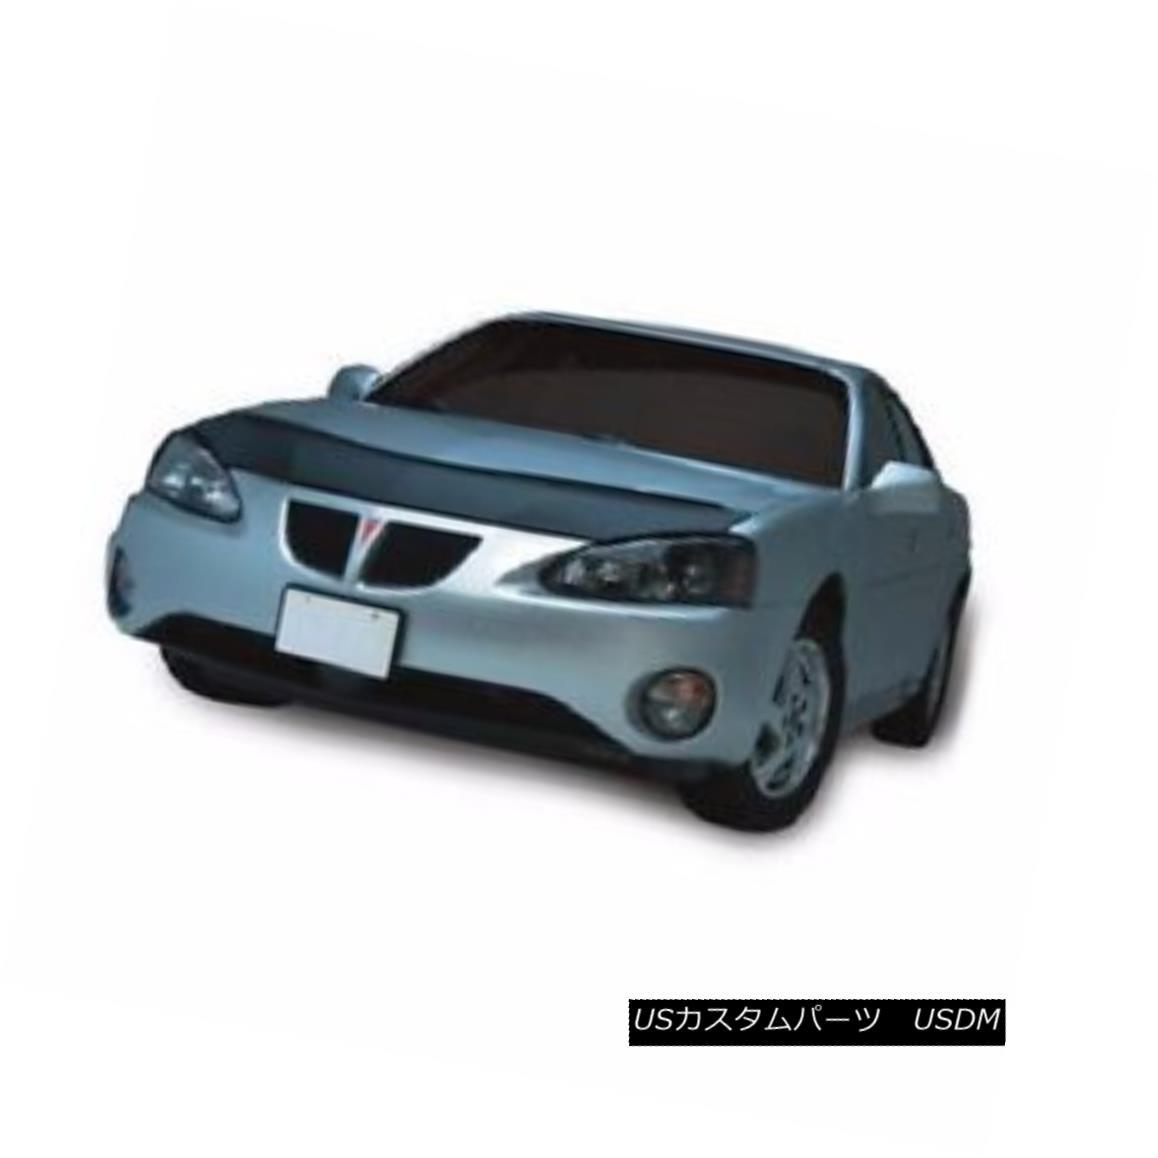 フルブラ ノーズブラ Lebra Hood Protector Mini Mask Bra Fits 2014-2017 Mazda 6 Lebraフードプロテクターミニマスクブラフィット2014-2017マツダ6